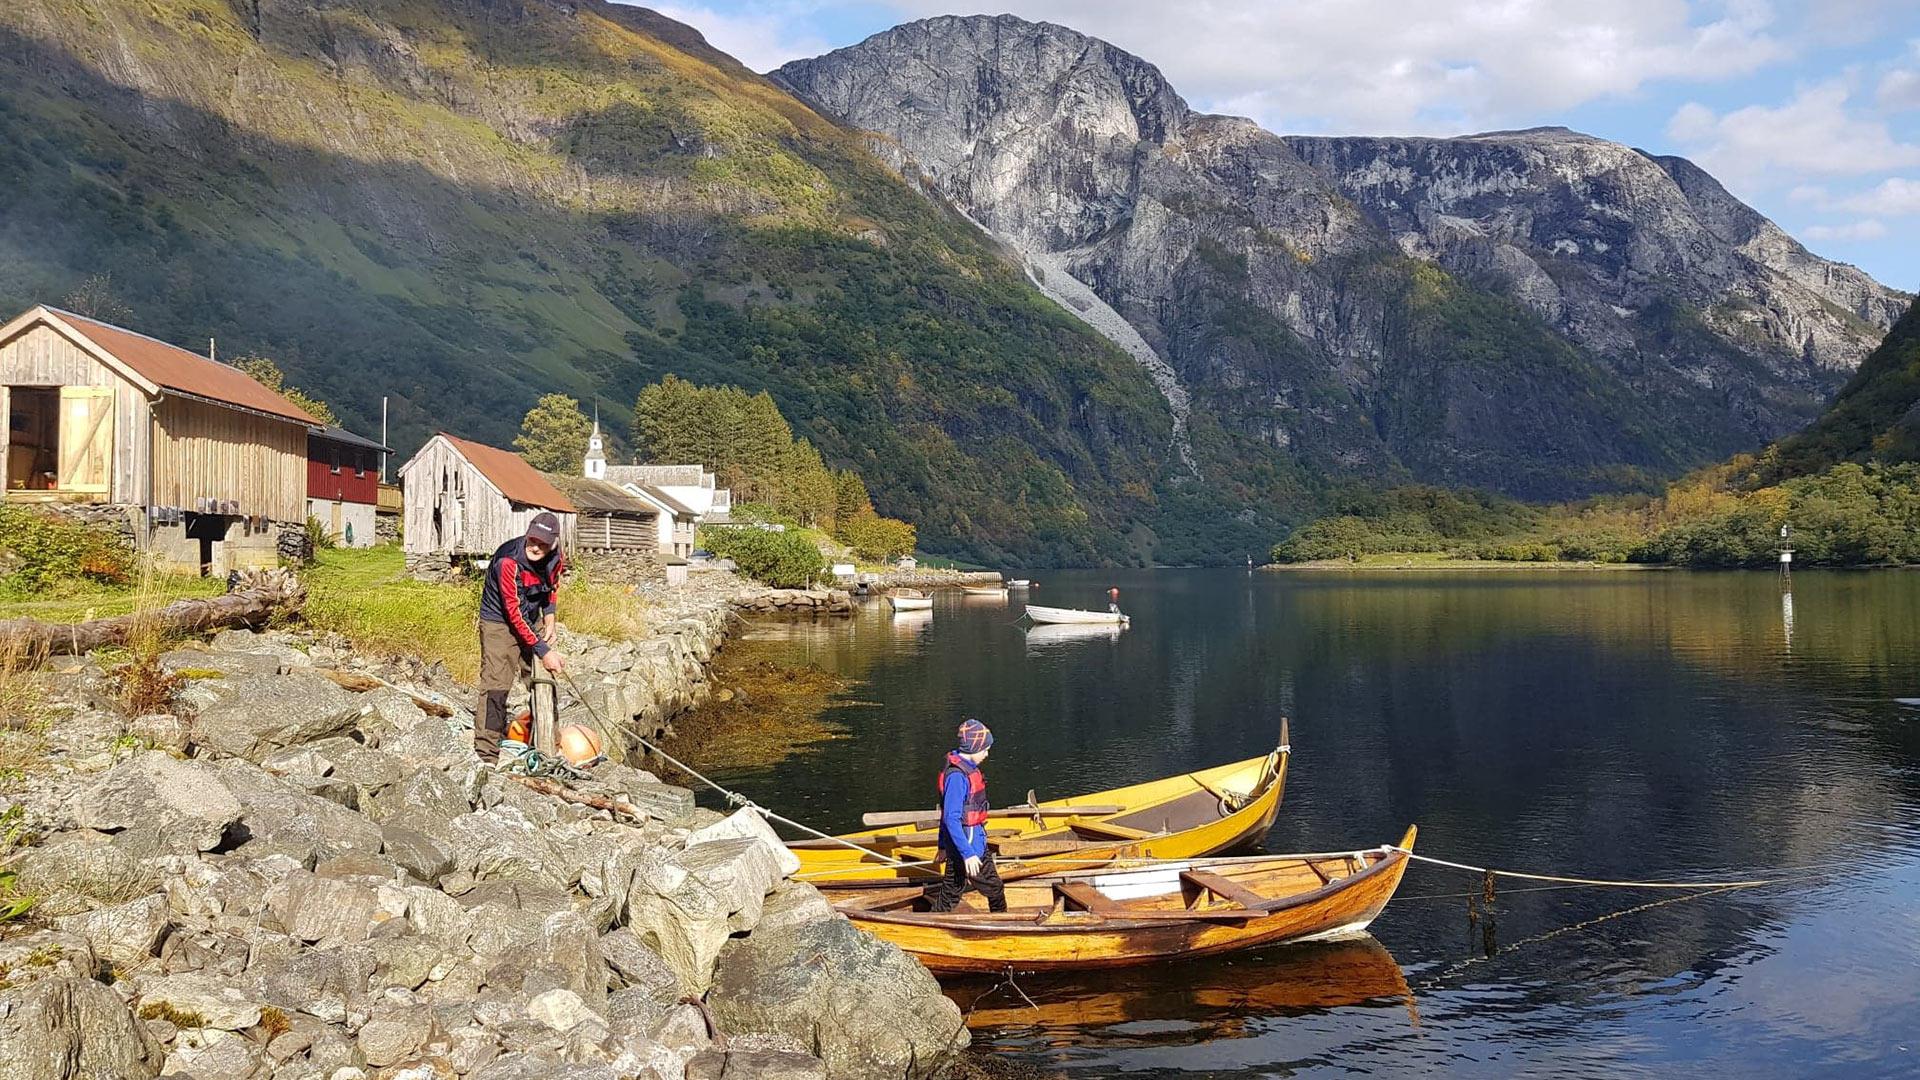 Personer i båt ved fjorden.